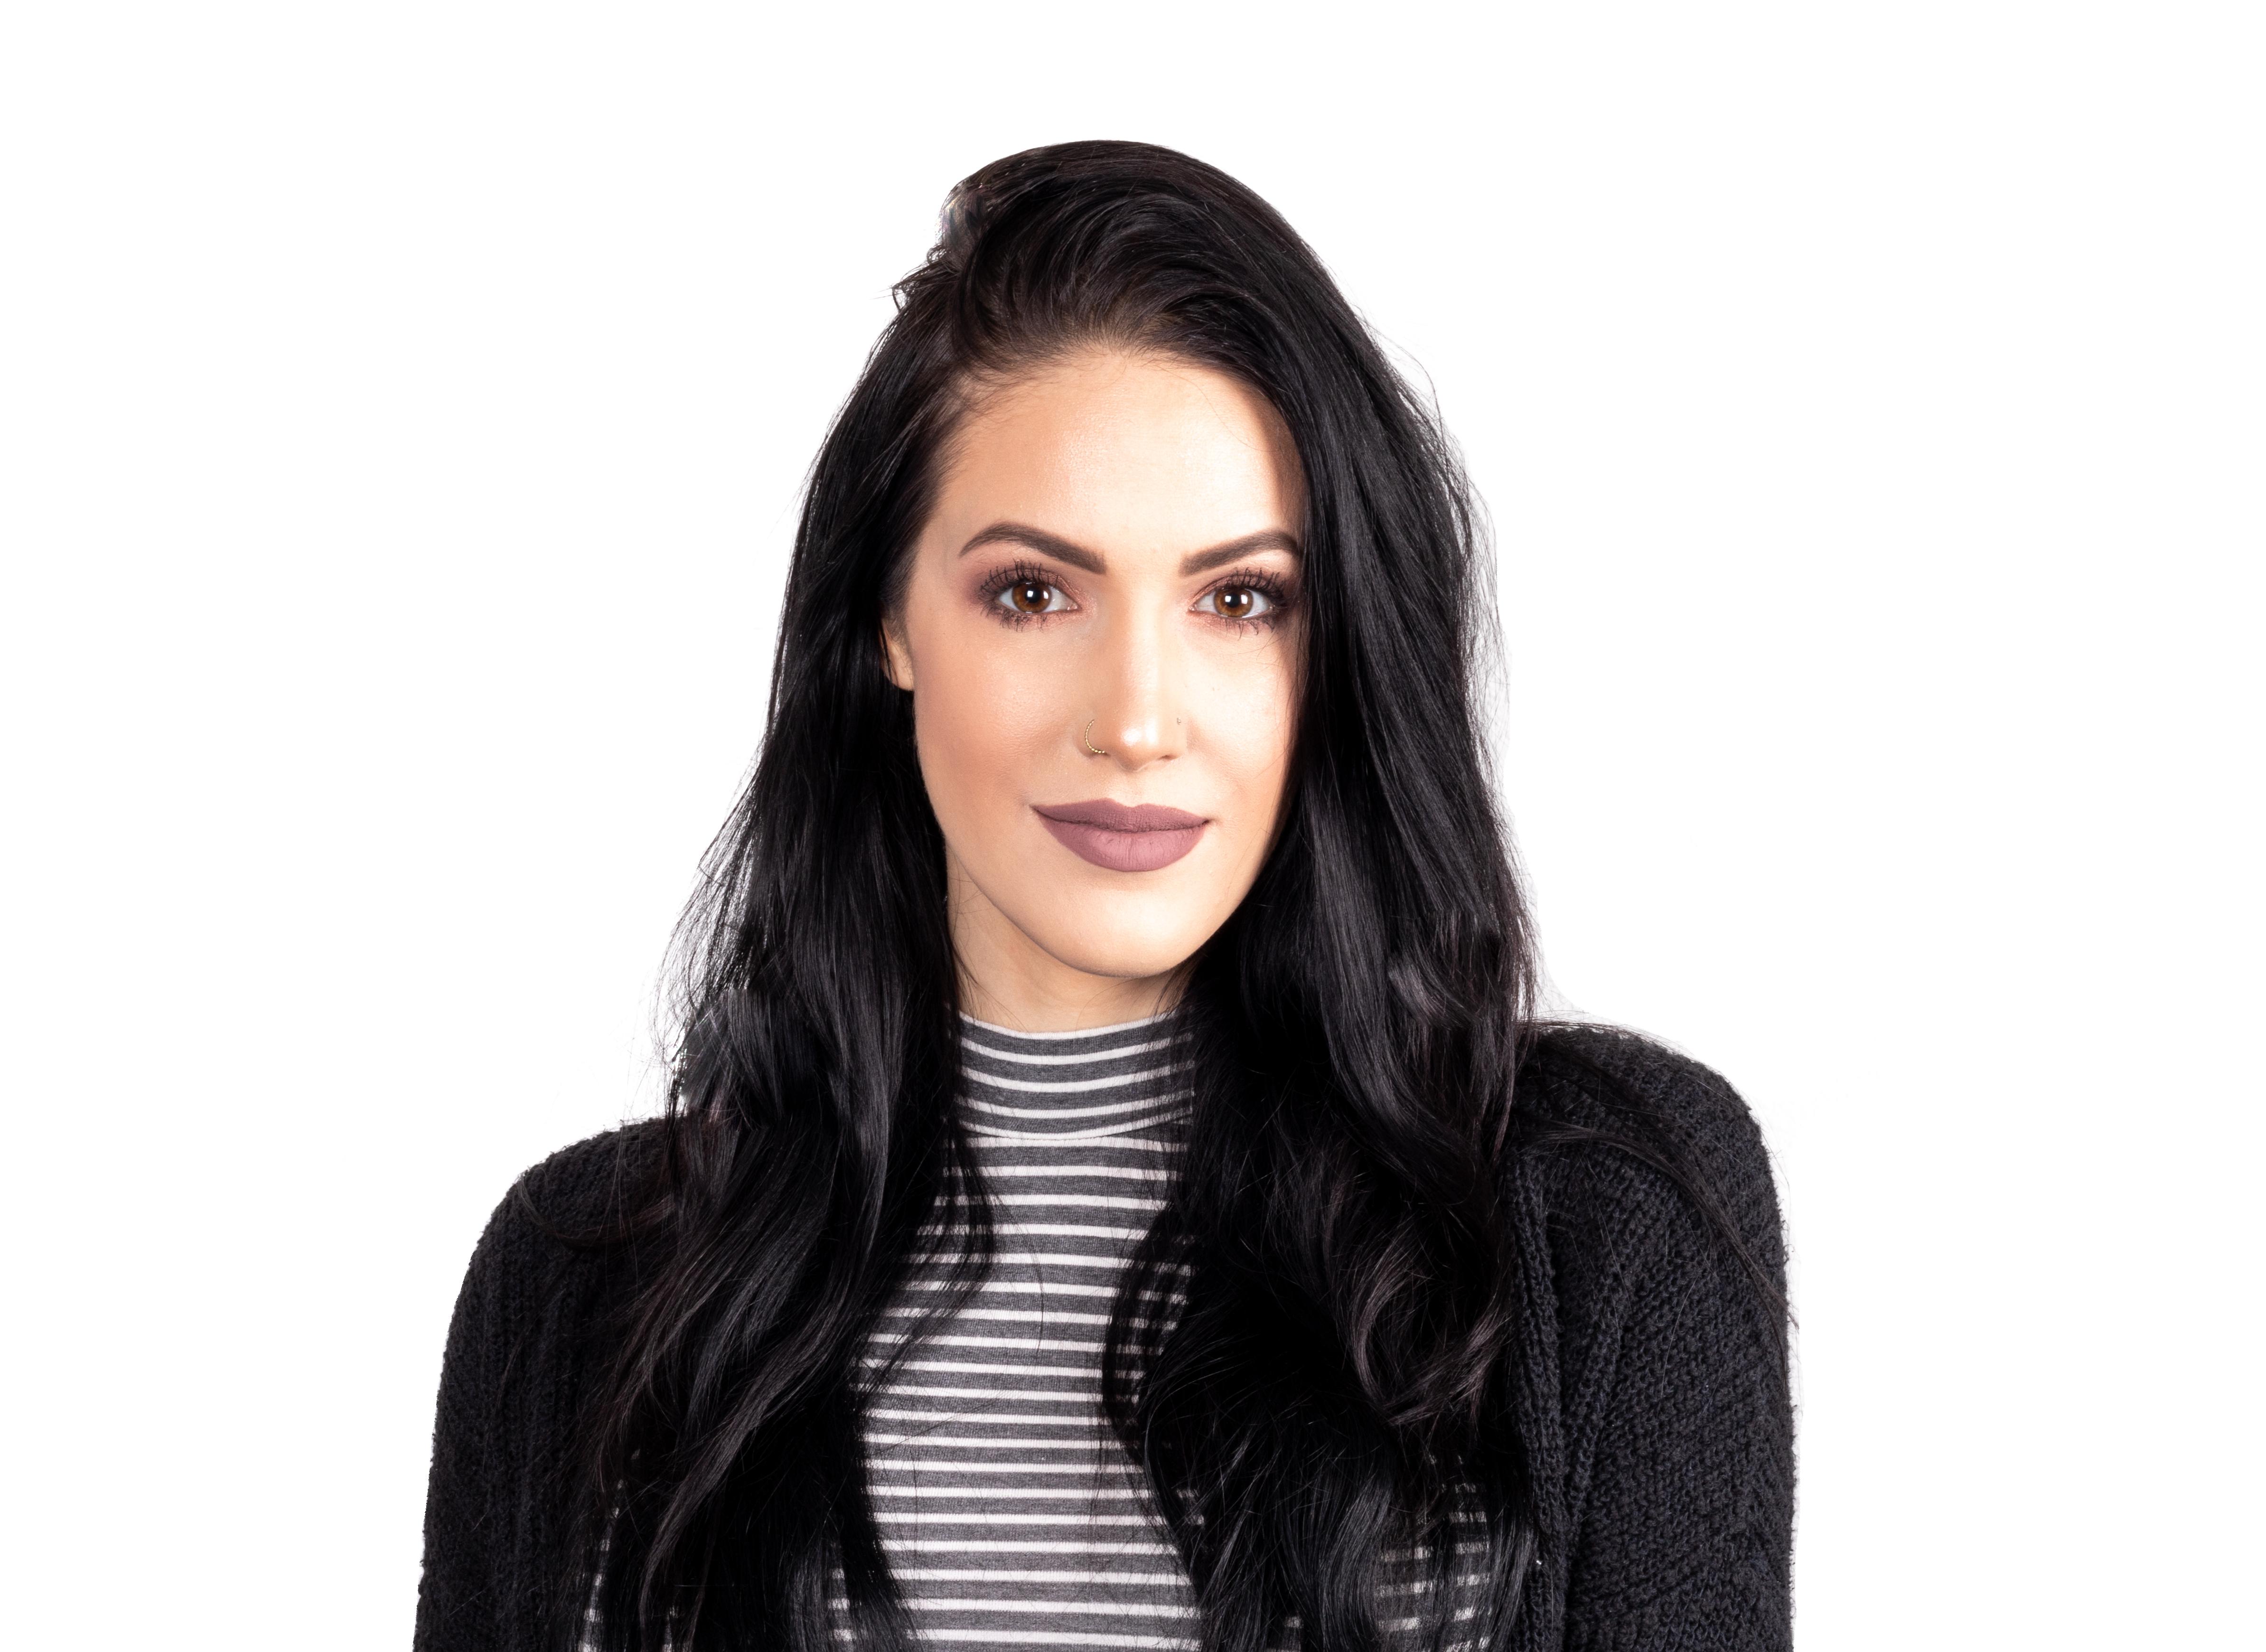 Jessica Mihai